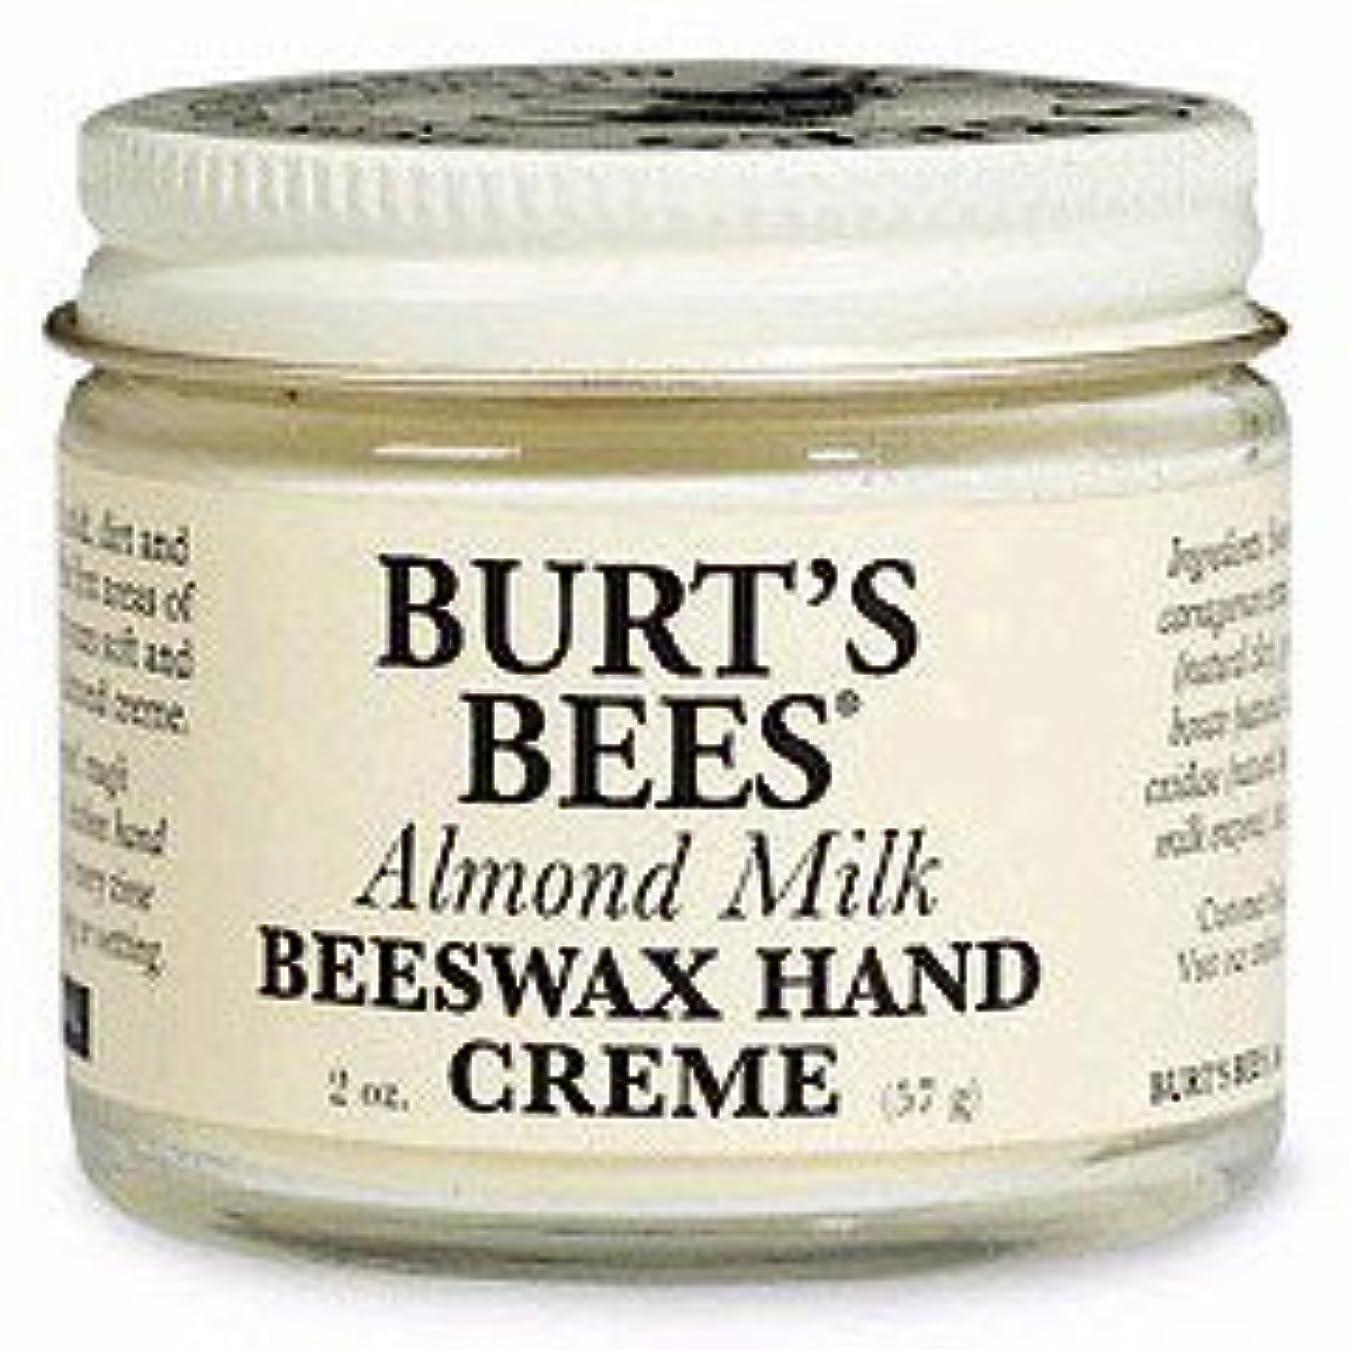 典型的なグリーンランドロードハウスバーツビーズ(Burt's Bees) アーモンドミルク?ビーズワックス?ハンドクリーム 57g [海外直送品][並行輸入品]